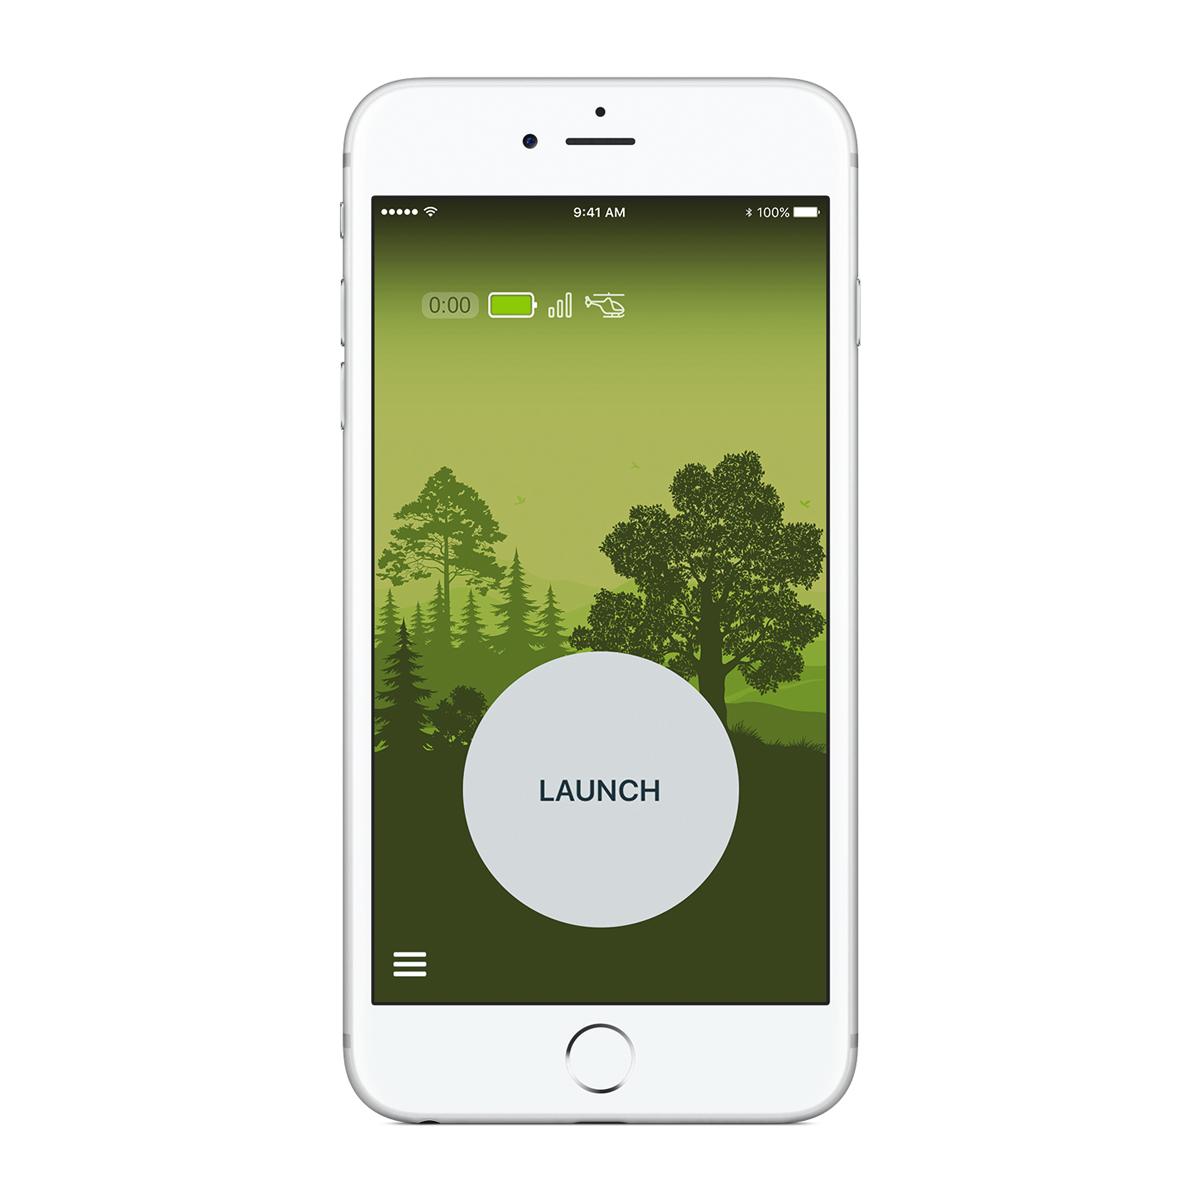 操作がひと目でわかるシンプル設計のアプリ。スマホでカンタン操作の飛行機型ドローン|Toby Rich